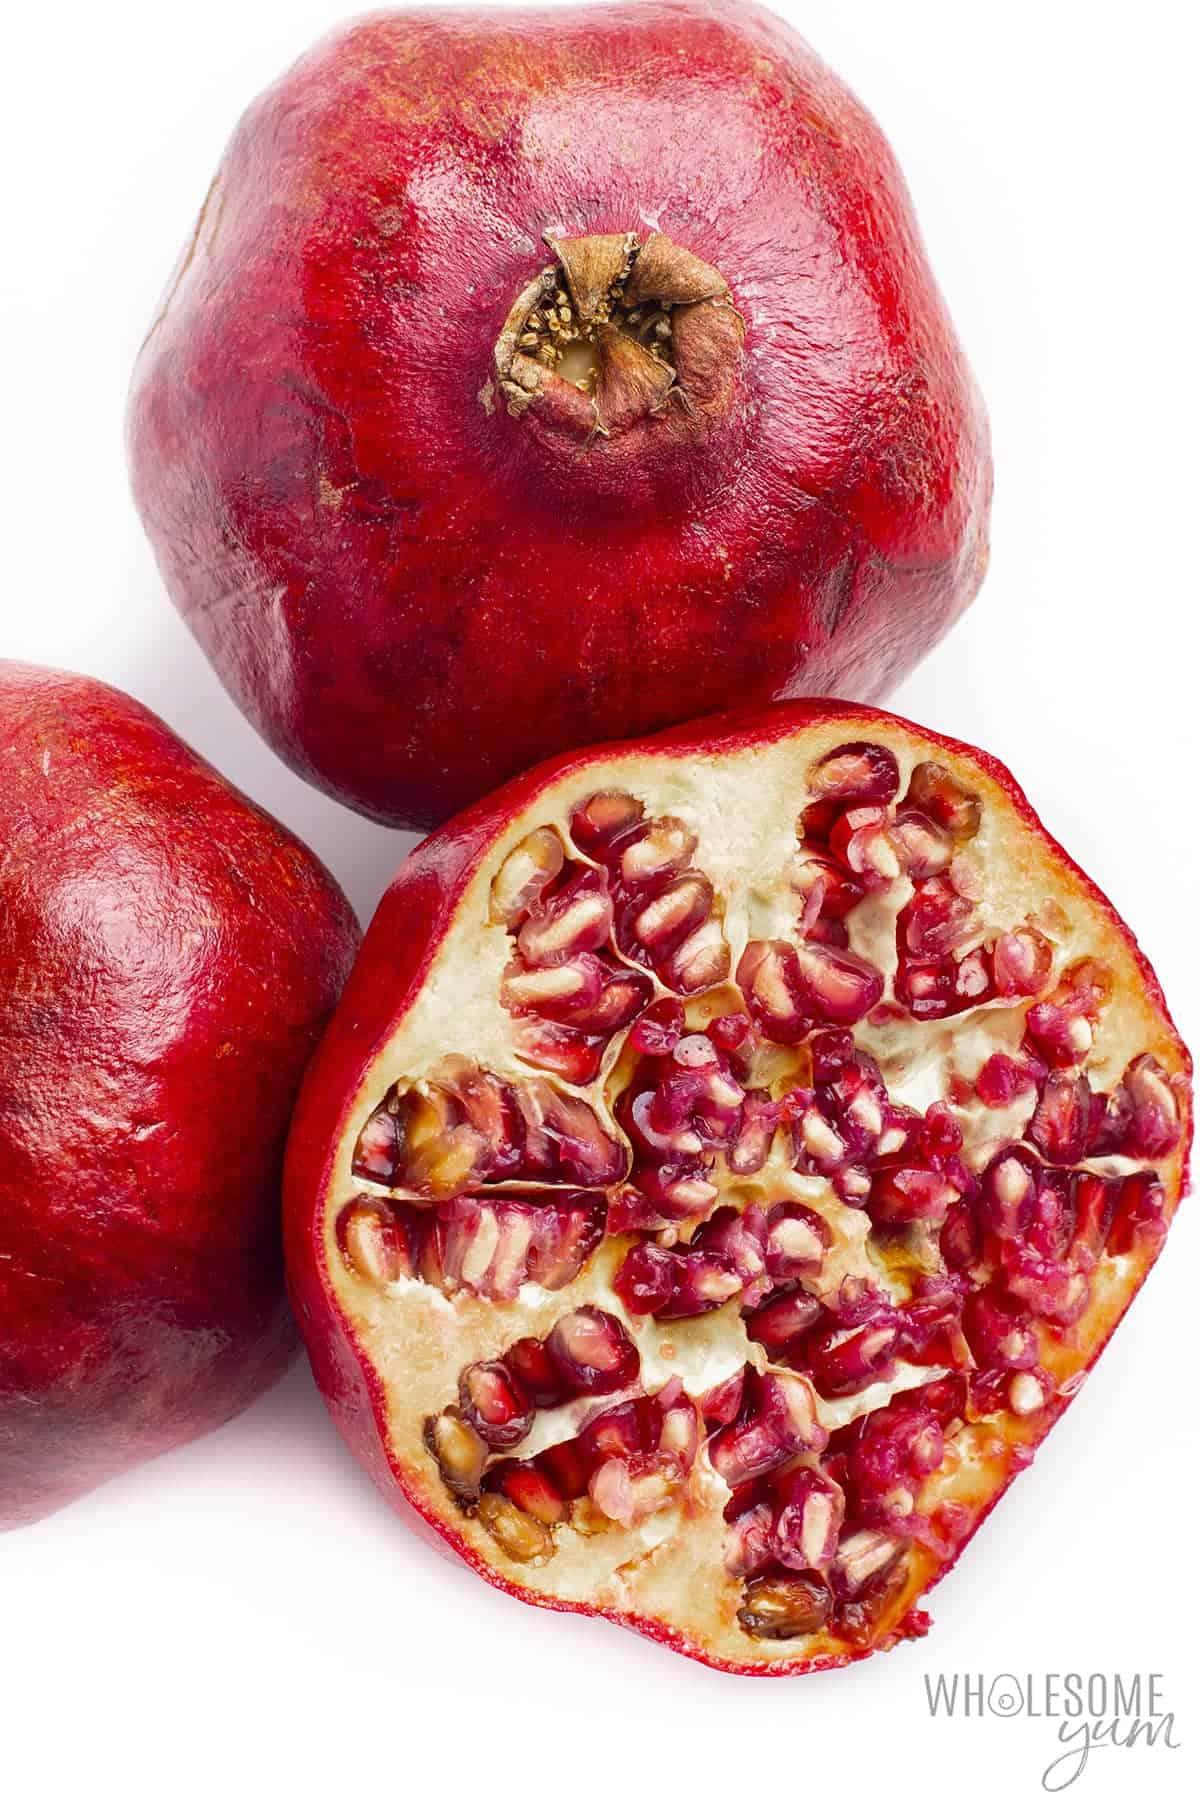 Is pomegranate keto friendly? These fresh pomegranates may be keto in small amounts.